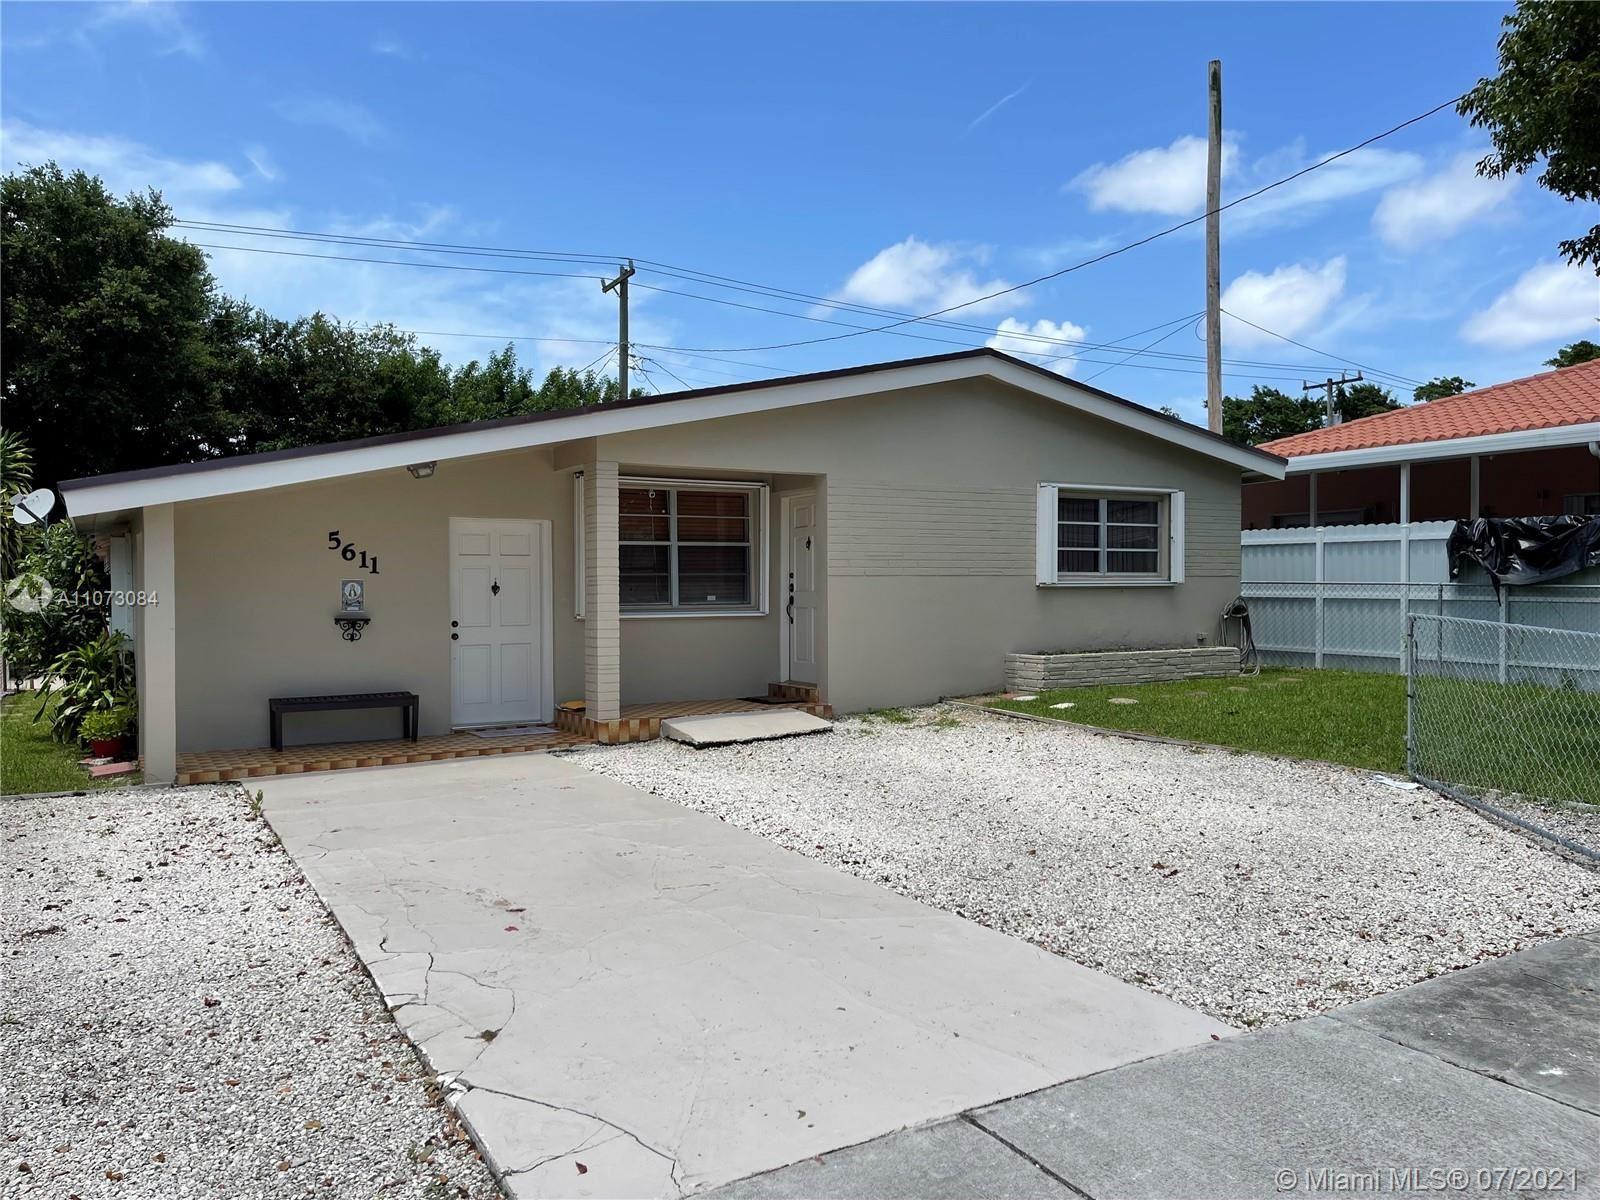 5611 SW 5th St, Miami, FL 33134 - #: A11073084